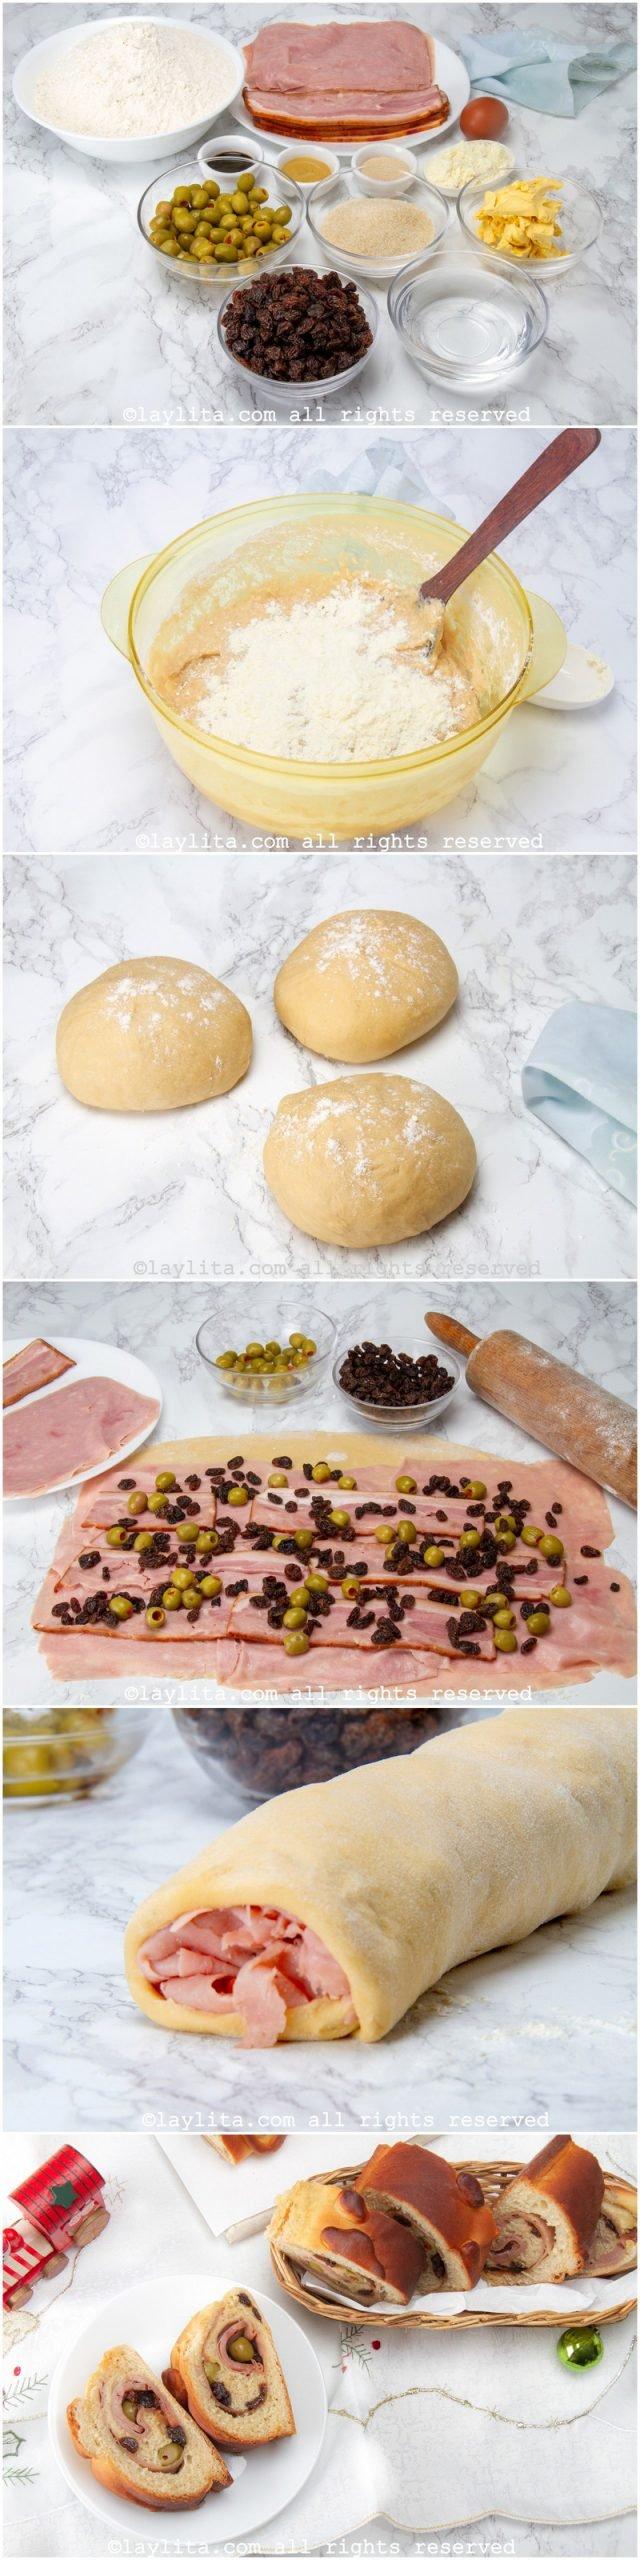 Fotos paso a paso para preparar pan de jamón